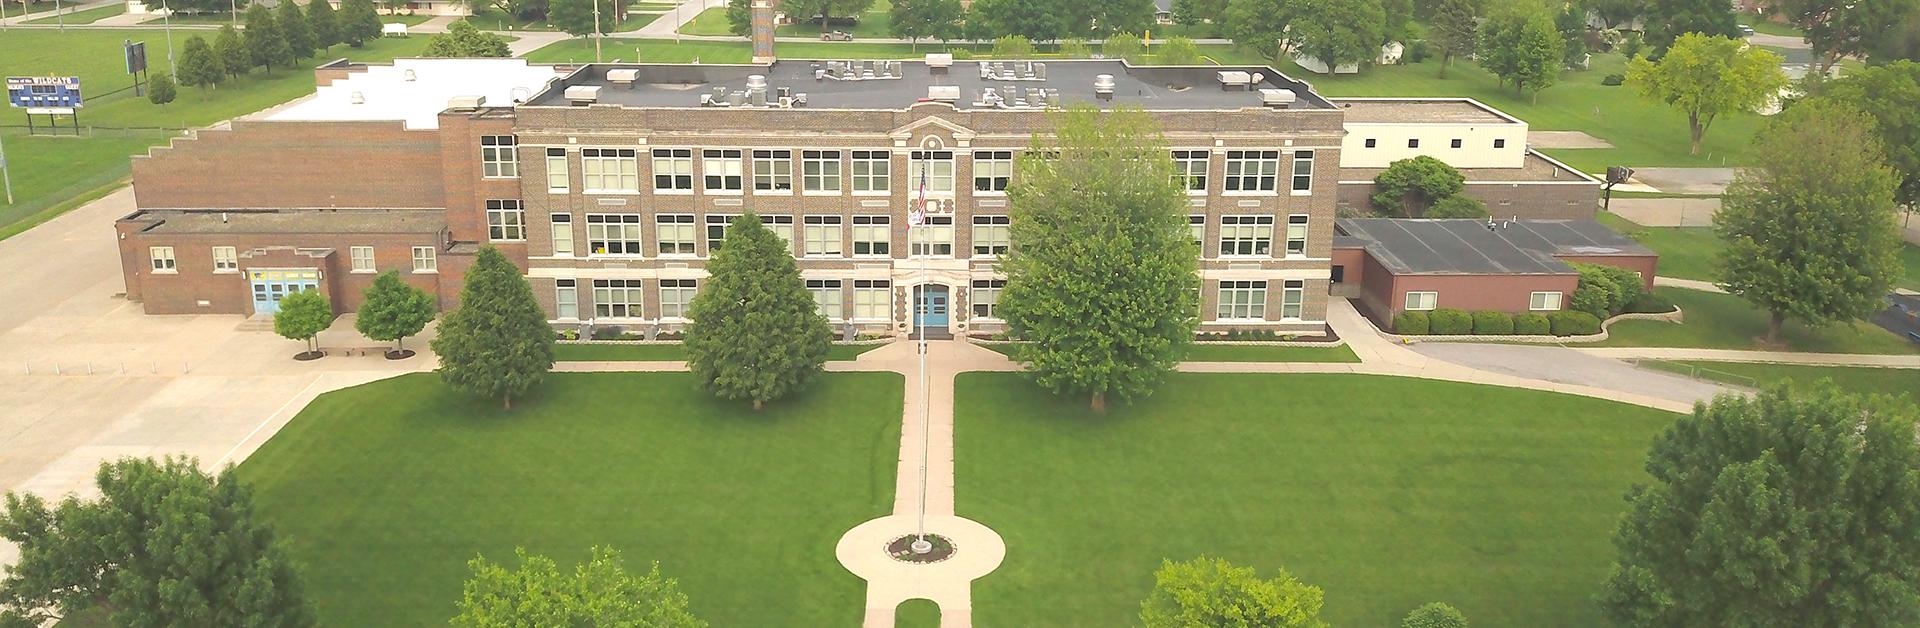 Front View School